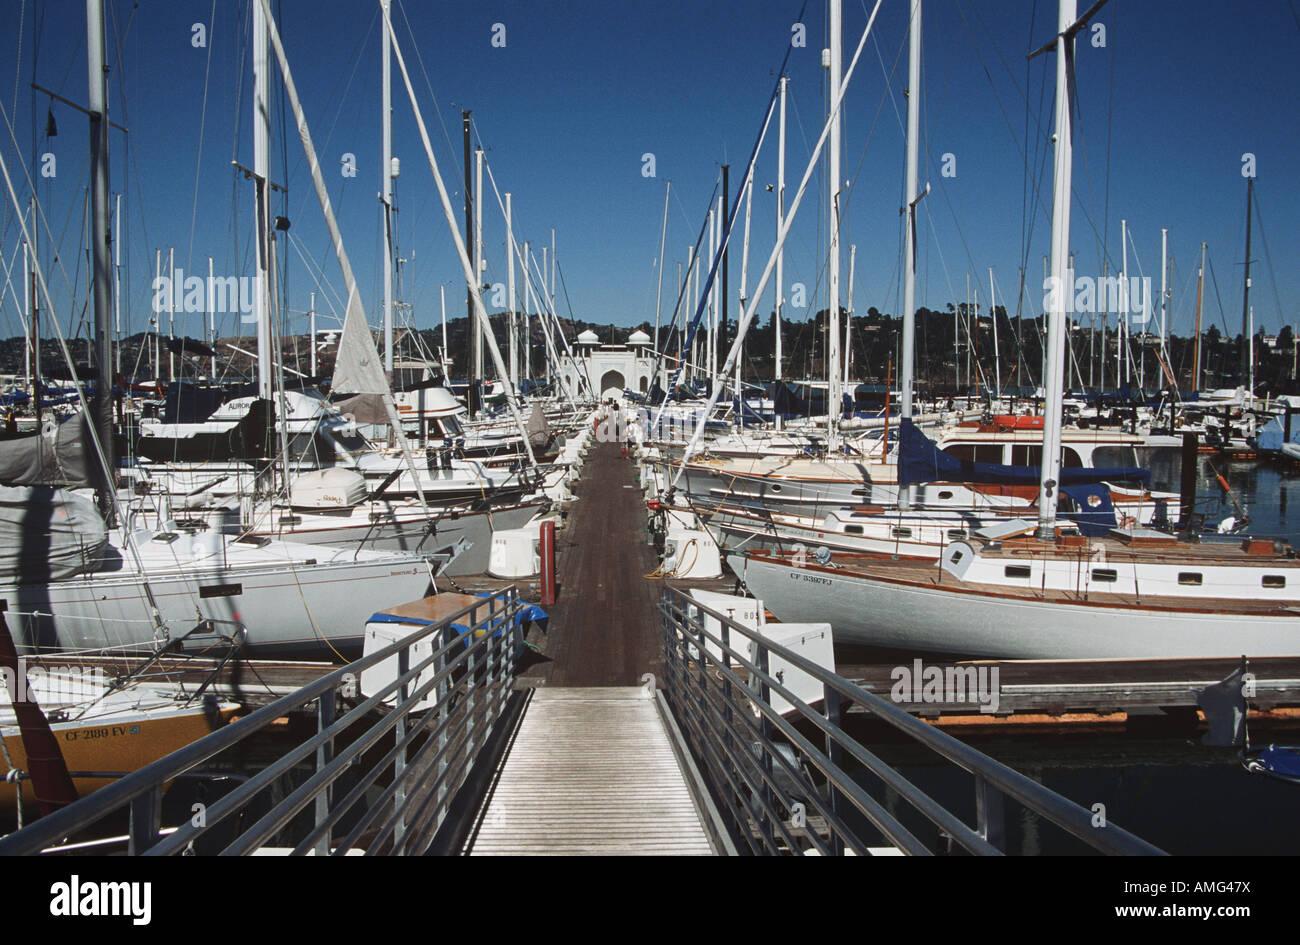 Sausalito Yacht Harbor Stock Photos & Sausalito Yacht Harbor